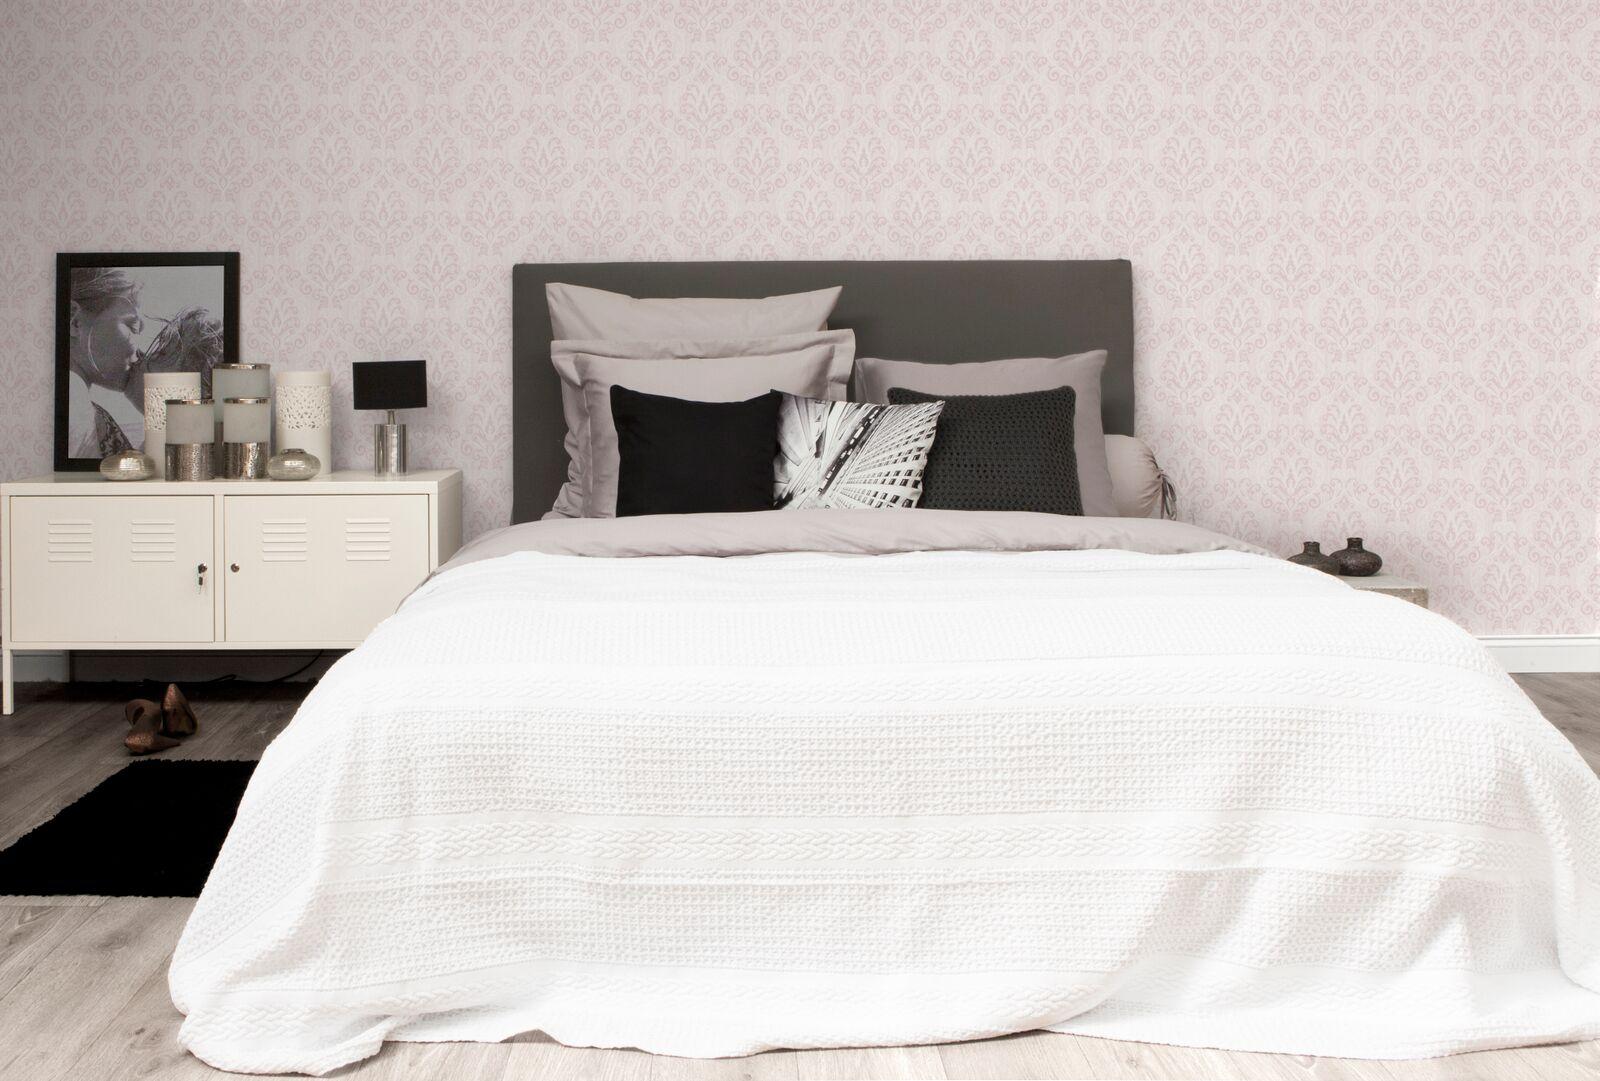 Slaapkamer Meubels Wit : Bedsprei amarige kleur wit wit deba meubelen